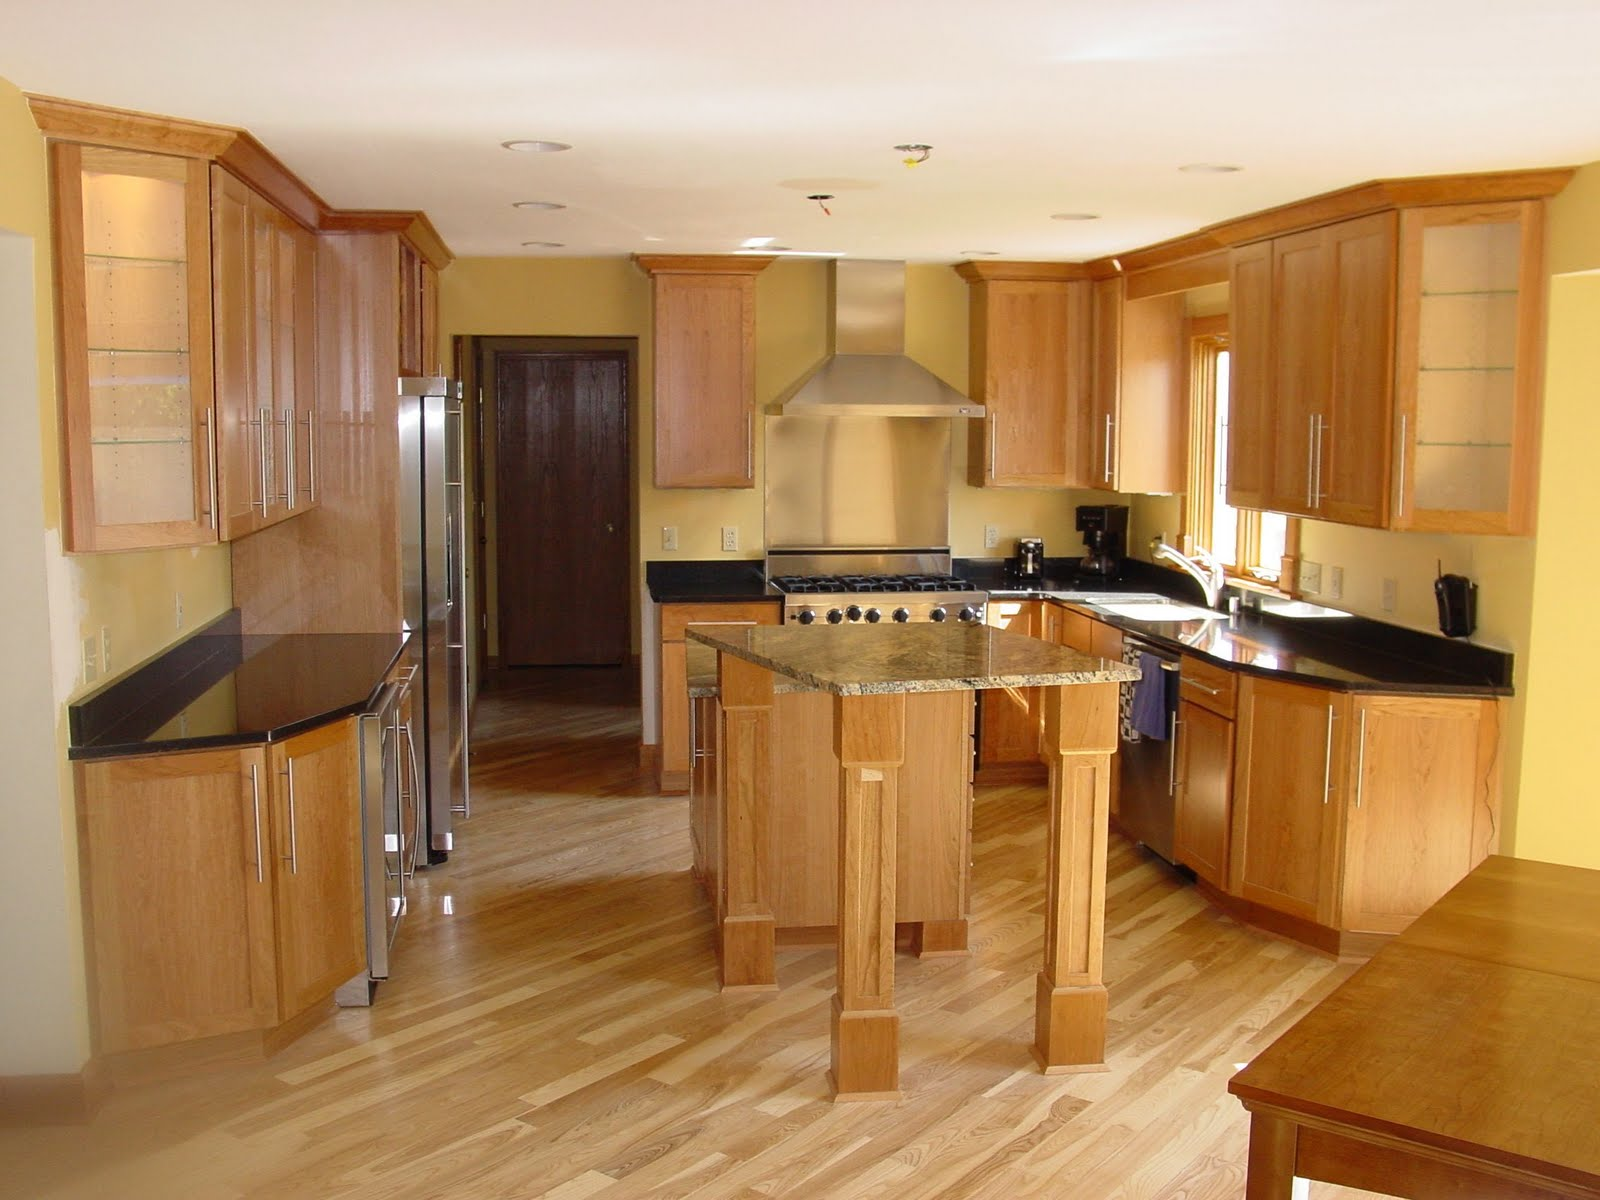 Fotos de cocinas de madera for Cocinas integrales imagenes